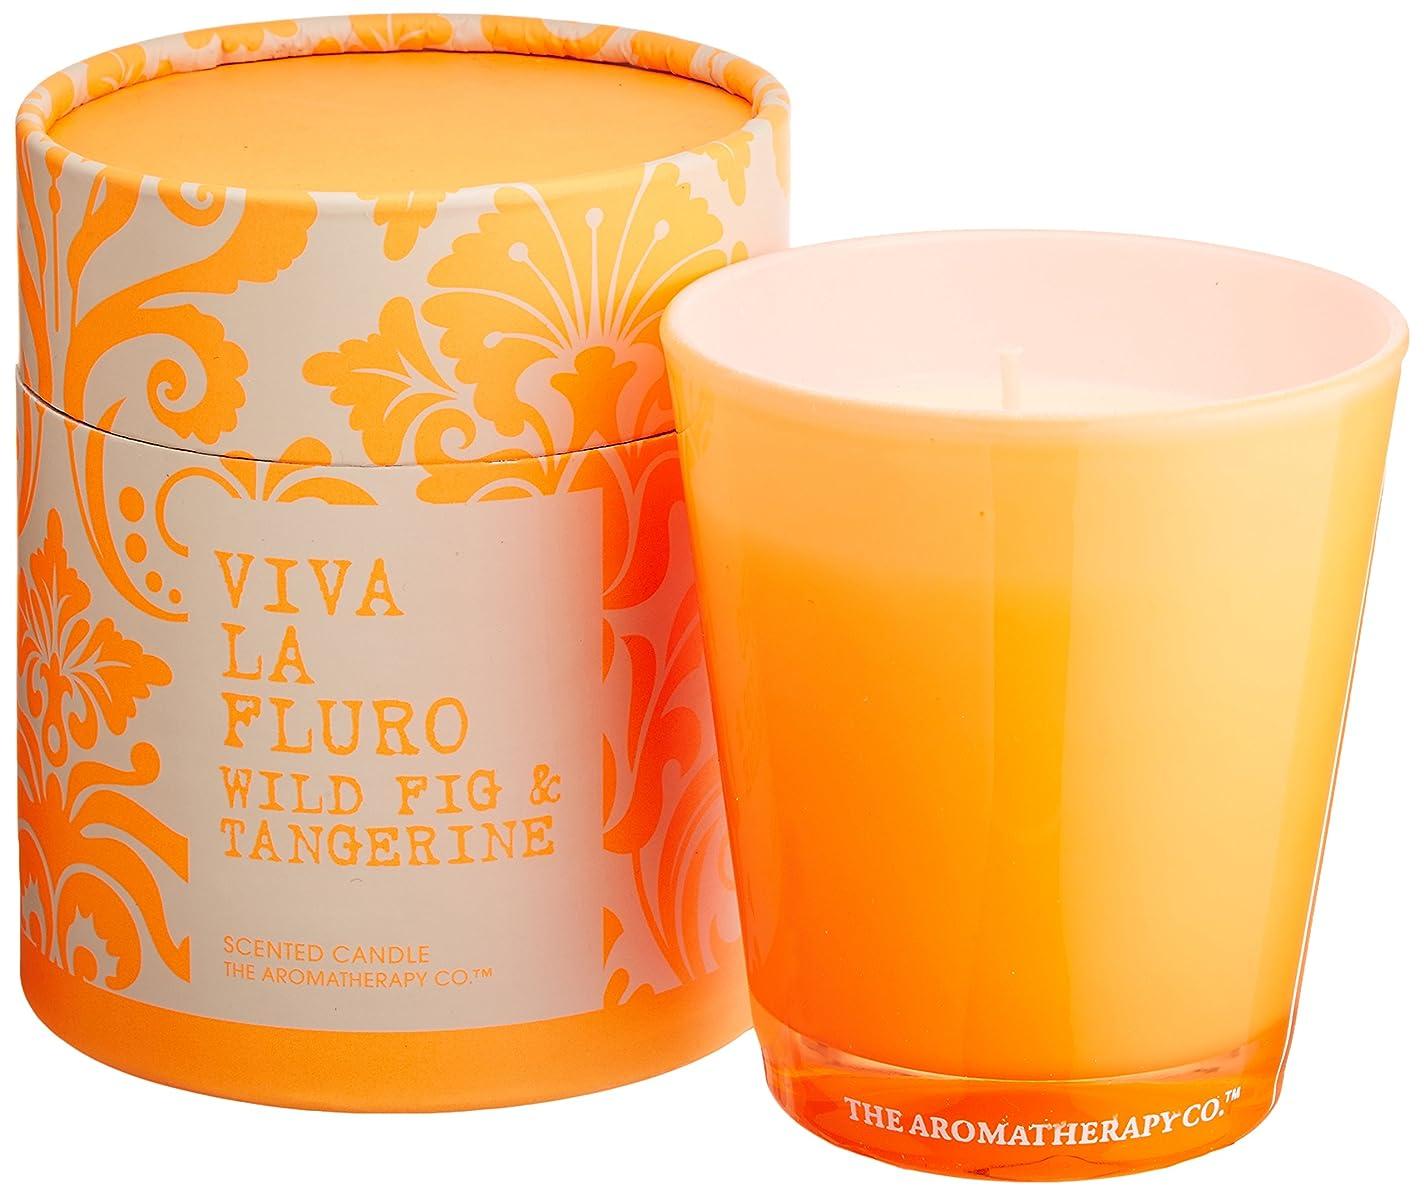 吸収する確立します隣人VIVA LA FLURO センティッドキャンドル ワイルドフィグ&タンジェリン Wild Fig&Tangerine ビバ?ラ?フルーロ